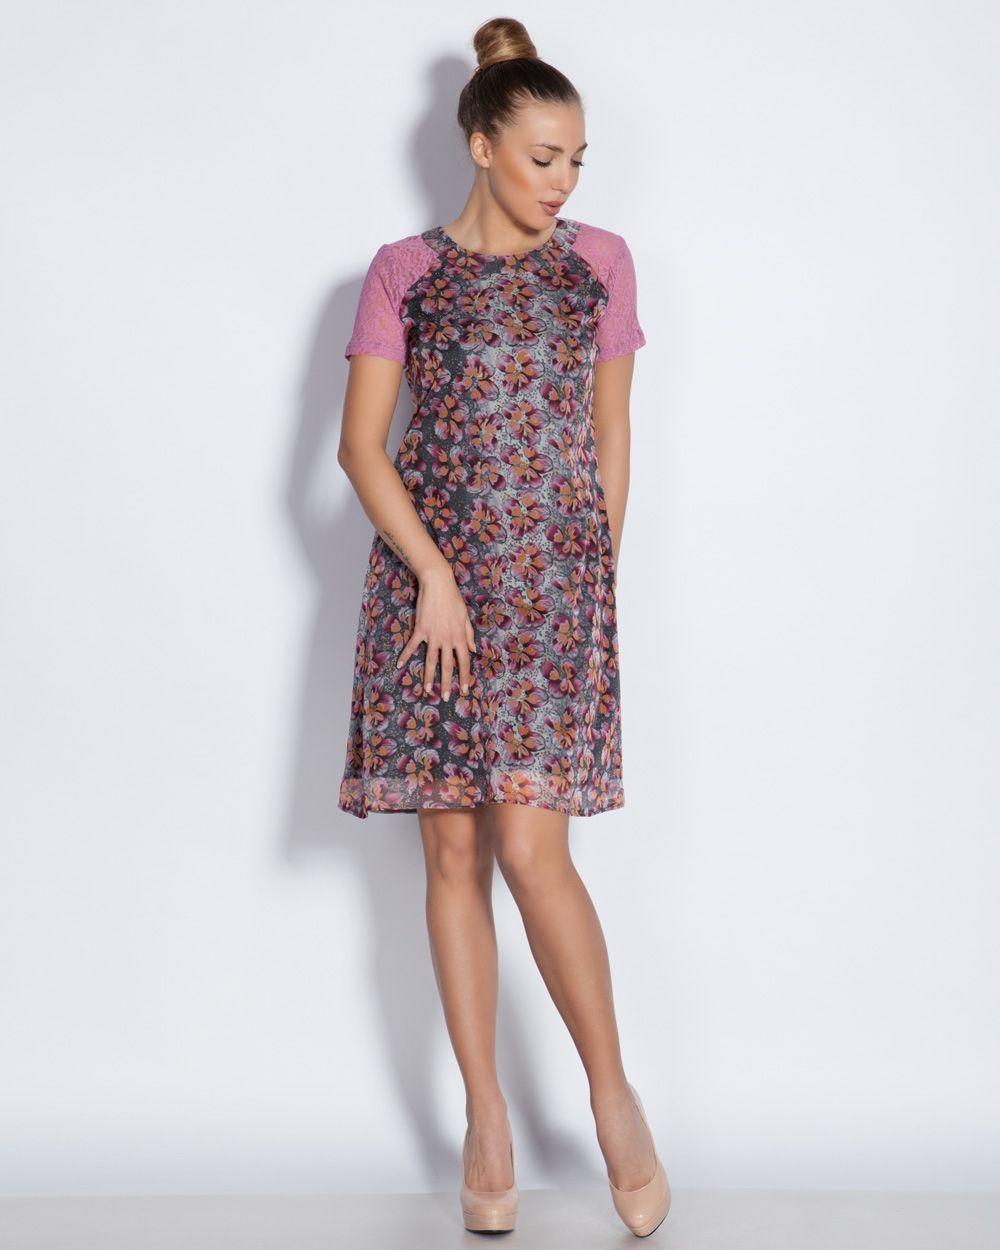 d8ffff73886 Дамска рокля от шифон и дантела с А-силует - цветен принт - Charo ...